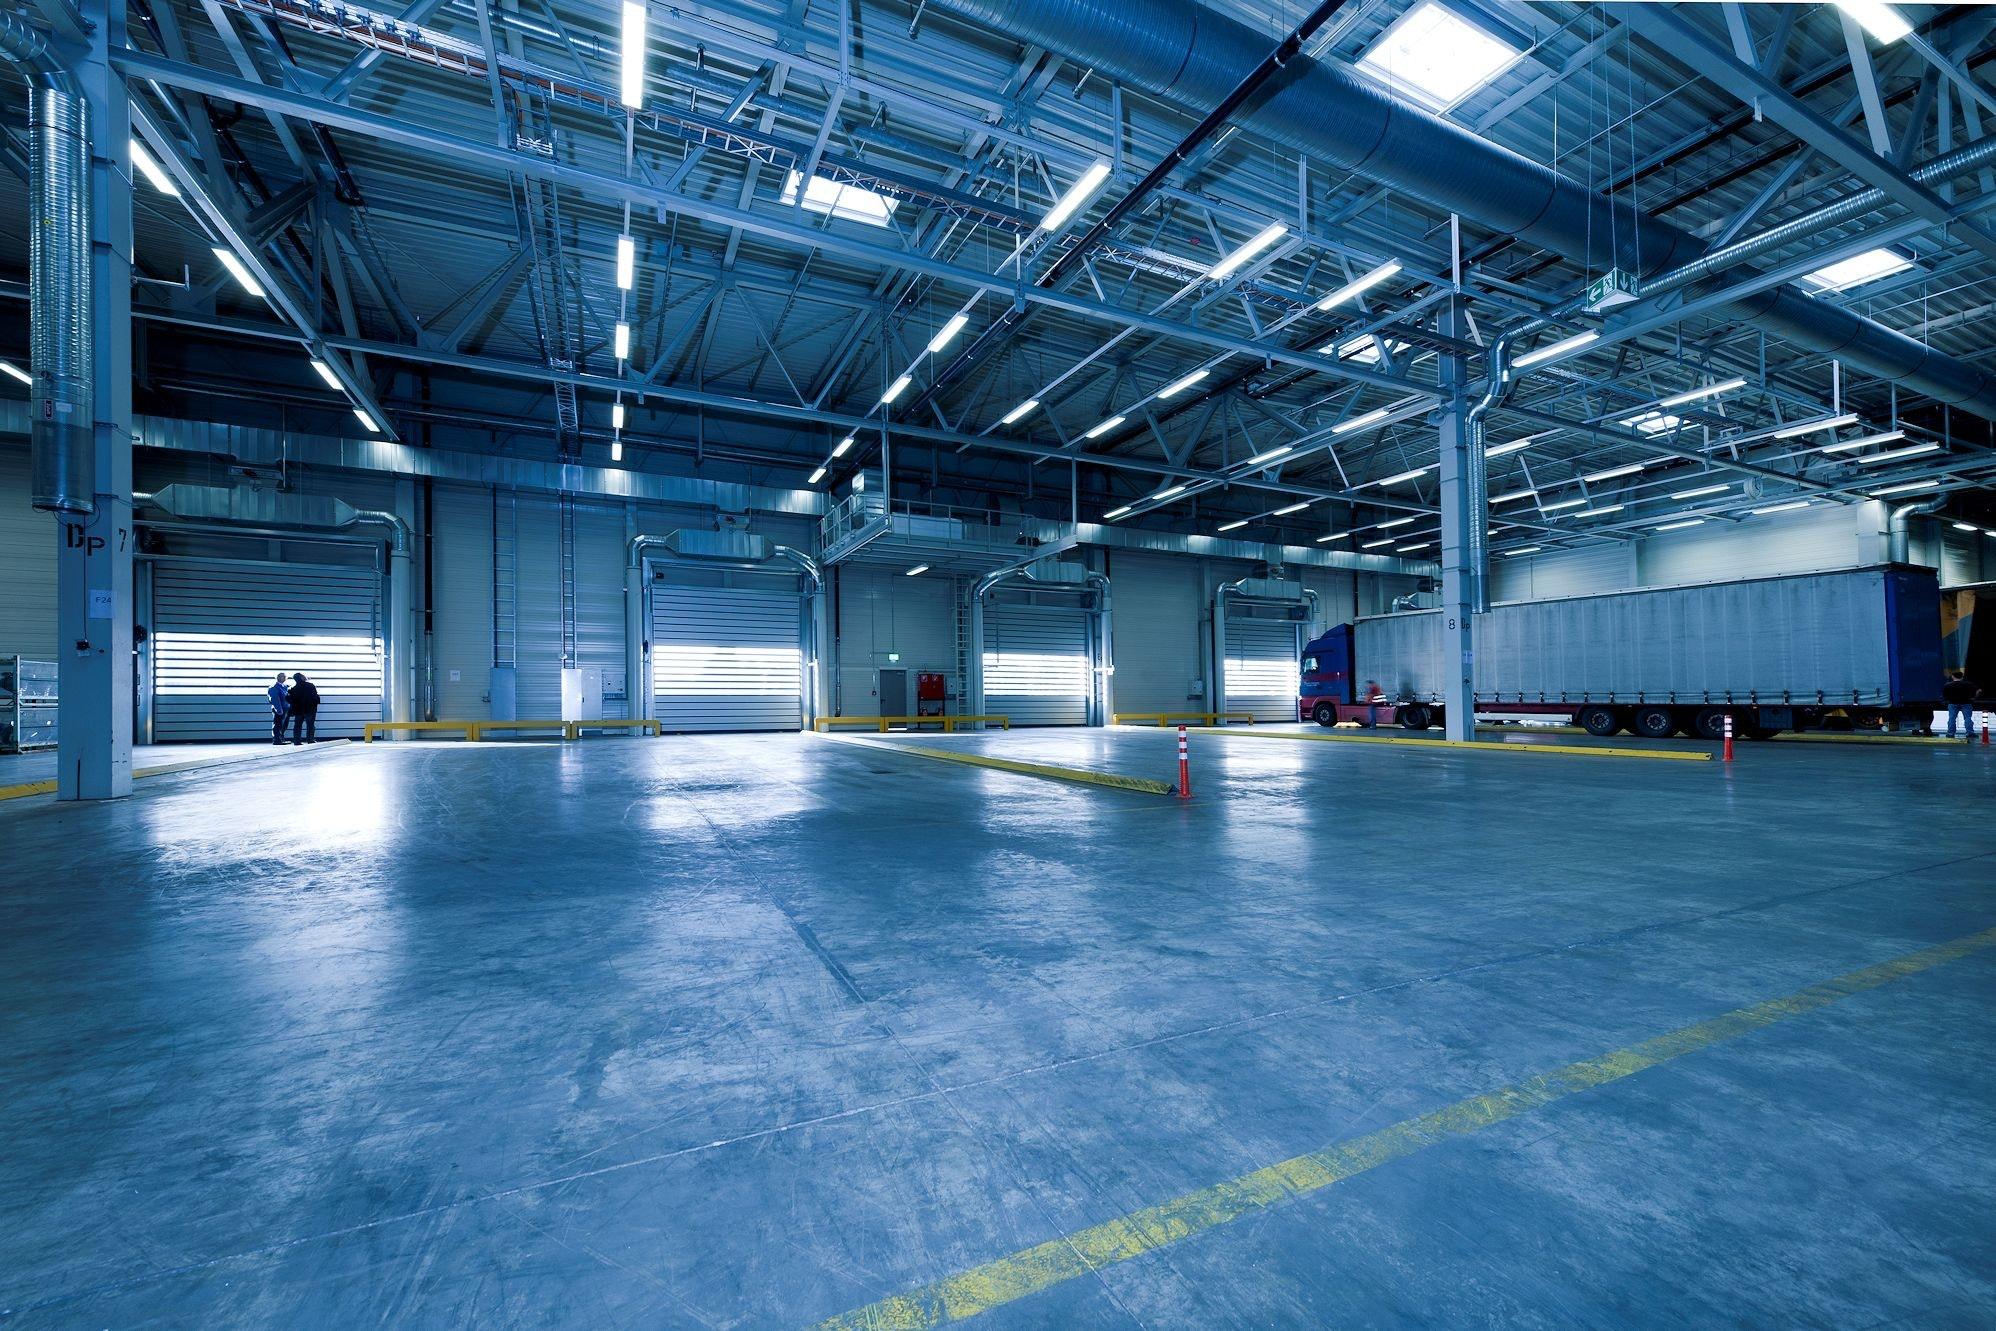 APua toimivuuteen - Yhdessä teemme logistiikastasi toimivan ja nykyaikaisen kokonaisuuden.